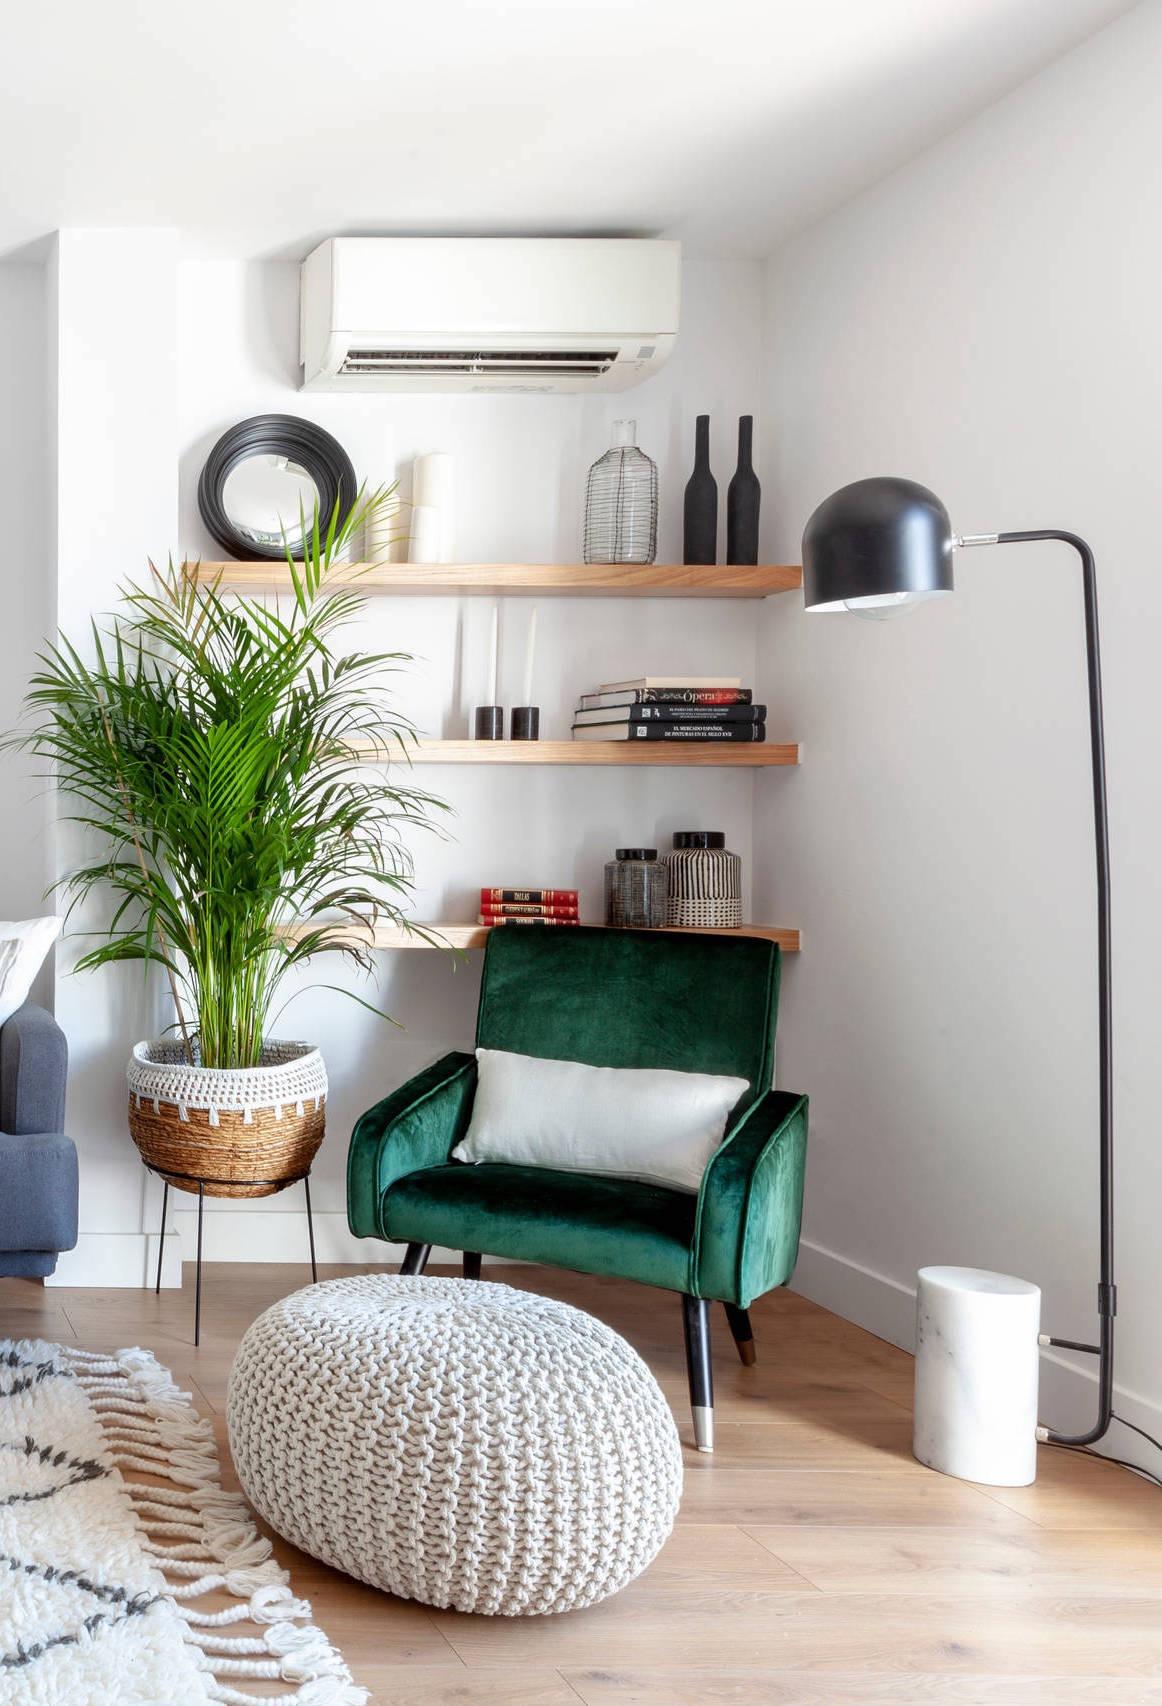 Seguindo a linha mais artesanal, você pode fazer um puff de crochê ou tricô para colocar na sala de estar.